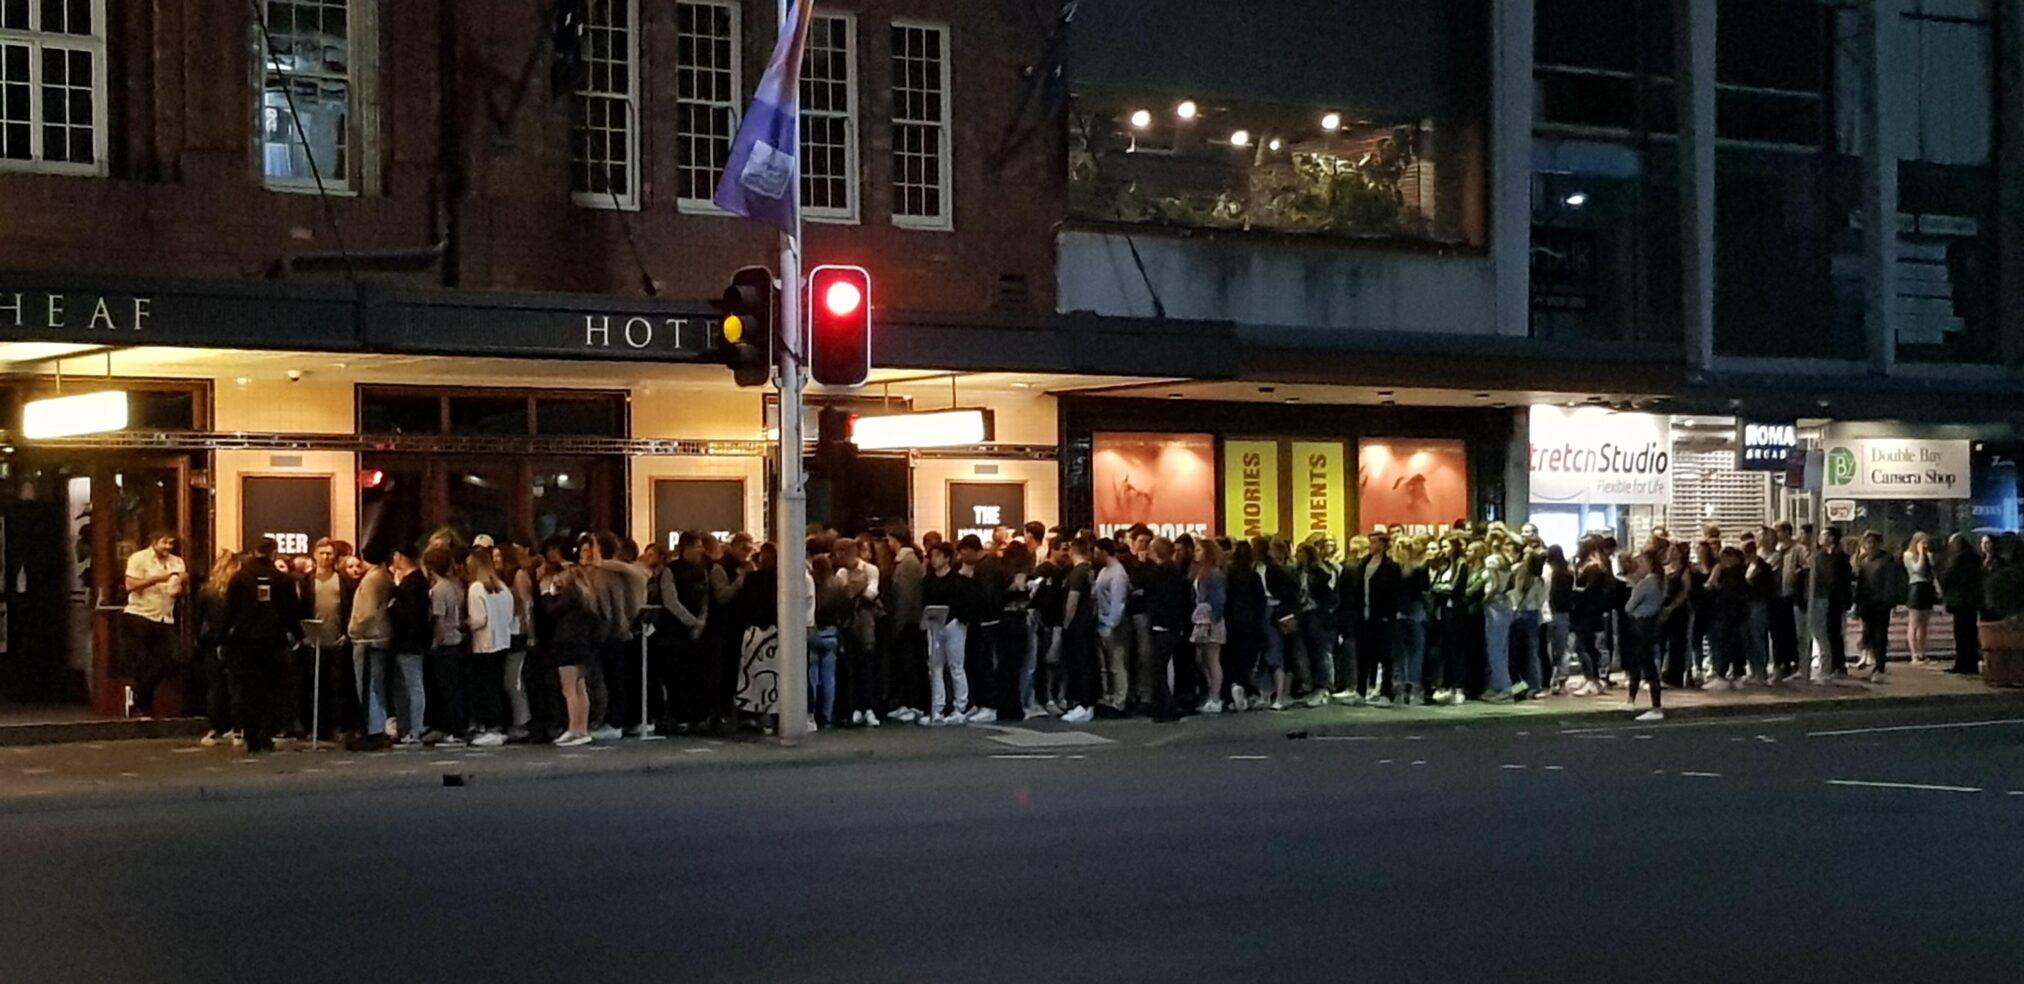 Patrons line up outside the Golden Sheaf hotel. Image: Reddit